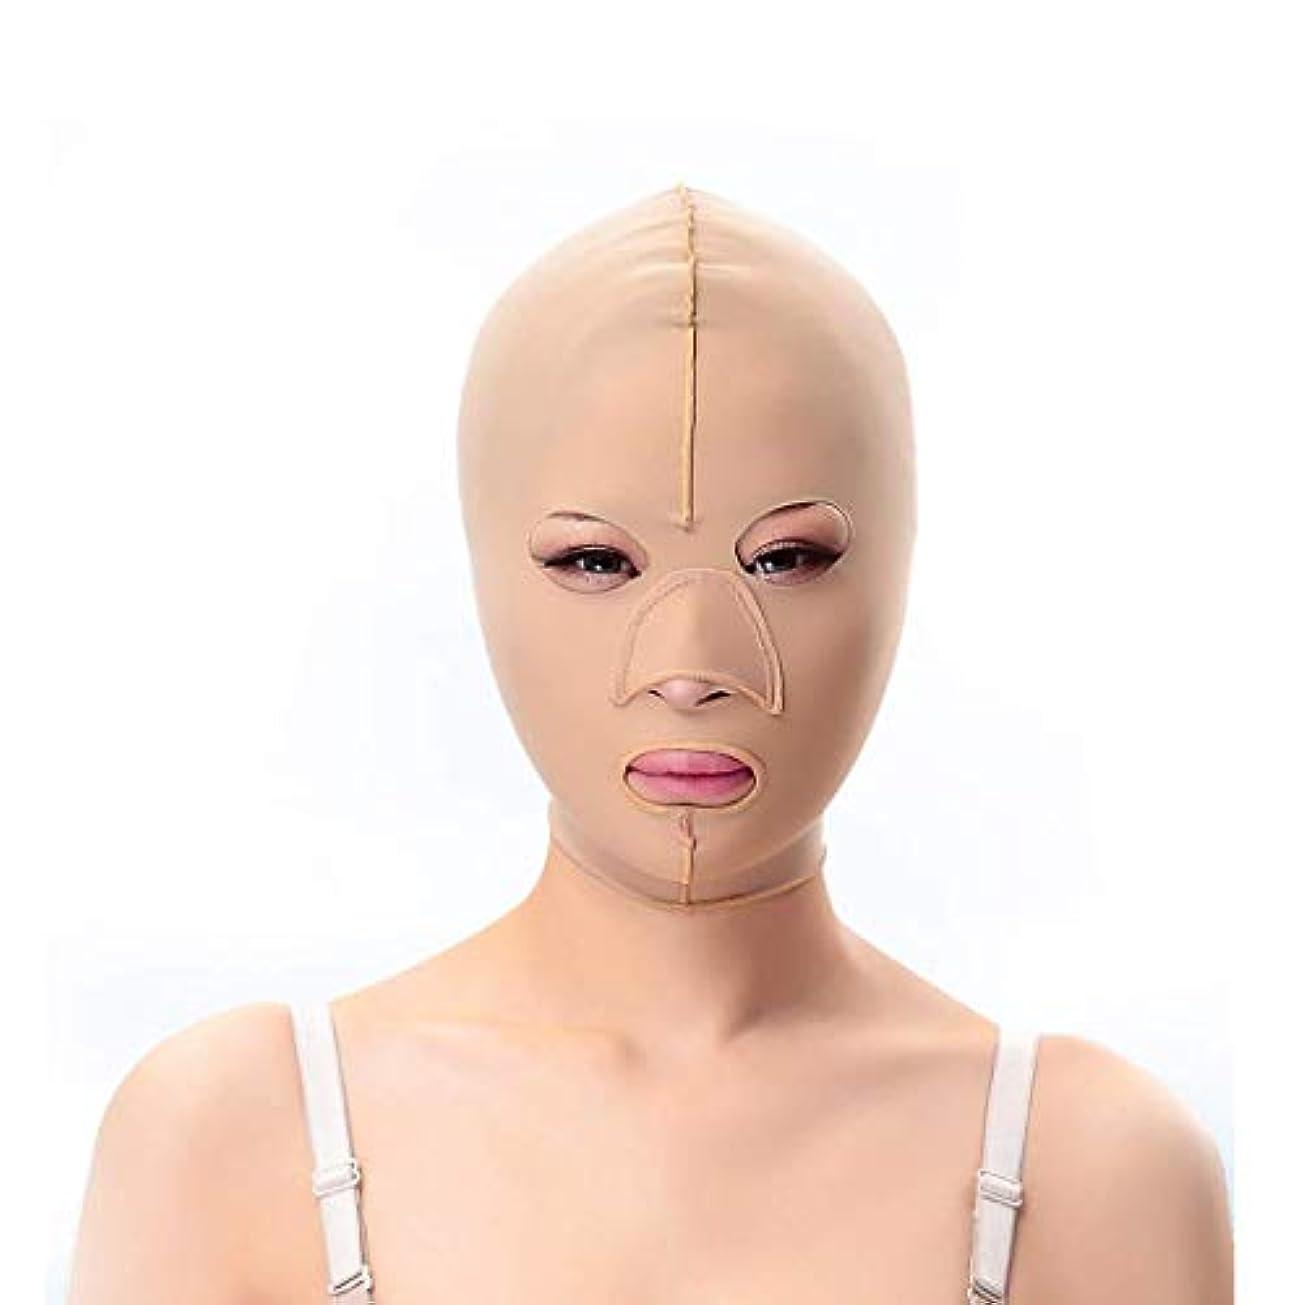 蓄積するエンドテーブル電報スリミングベルト、フェイシャルマスク薄いフェイスマスク布布パターンリフティングダブルあご引き締めフェイシャルプラスチック顔アーティファクト強力な顔包帯(サイズ:S)